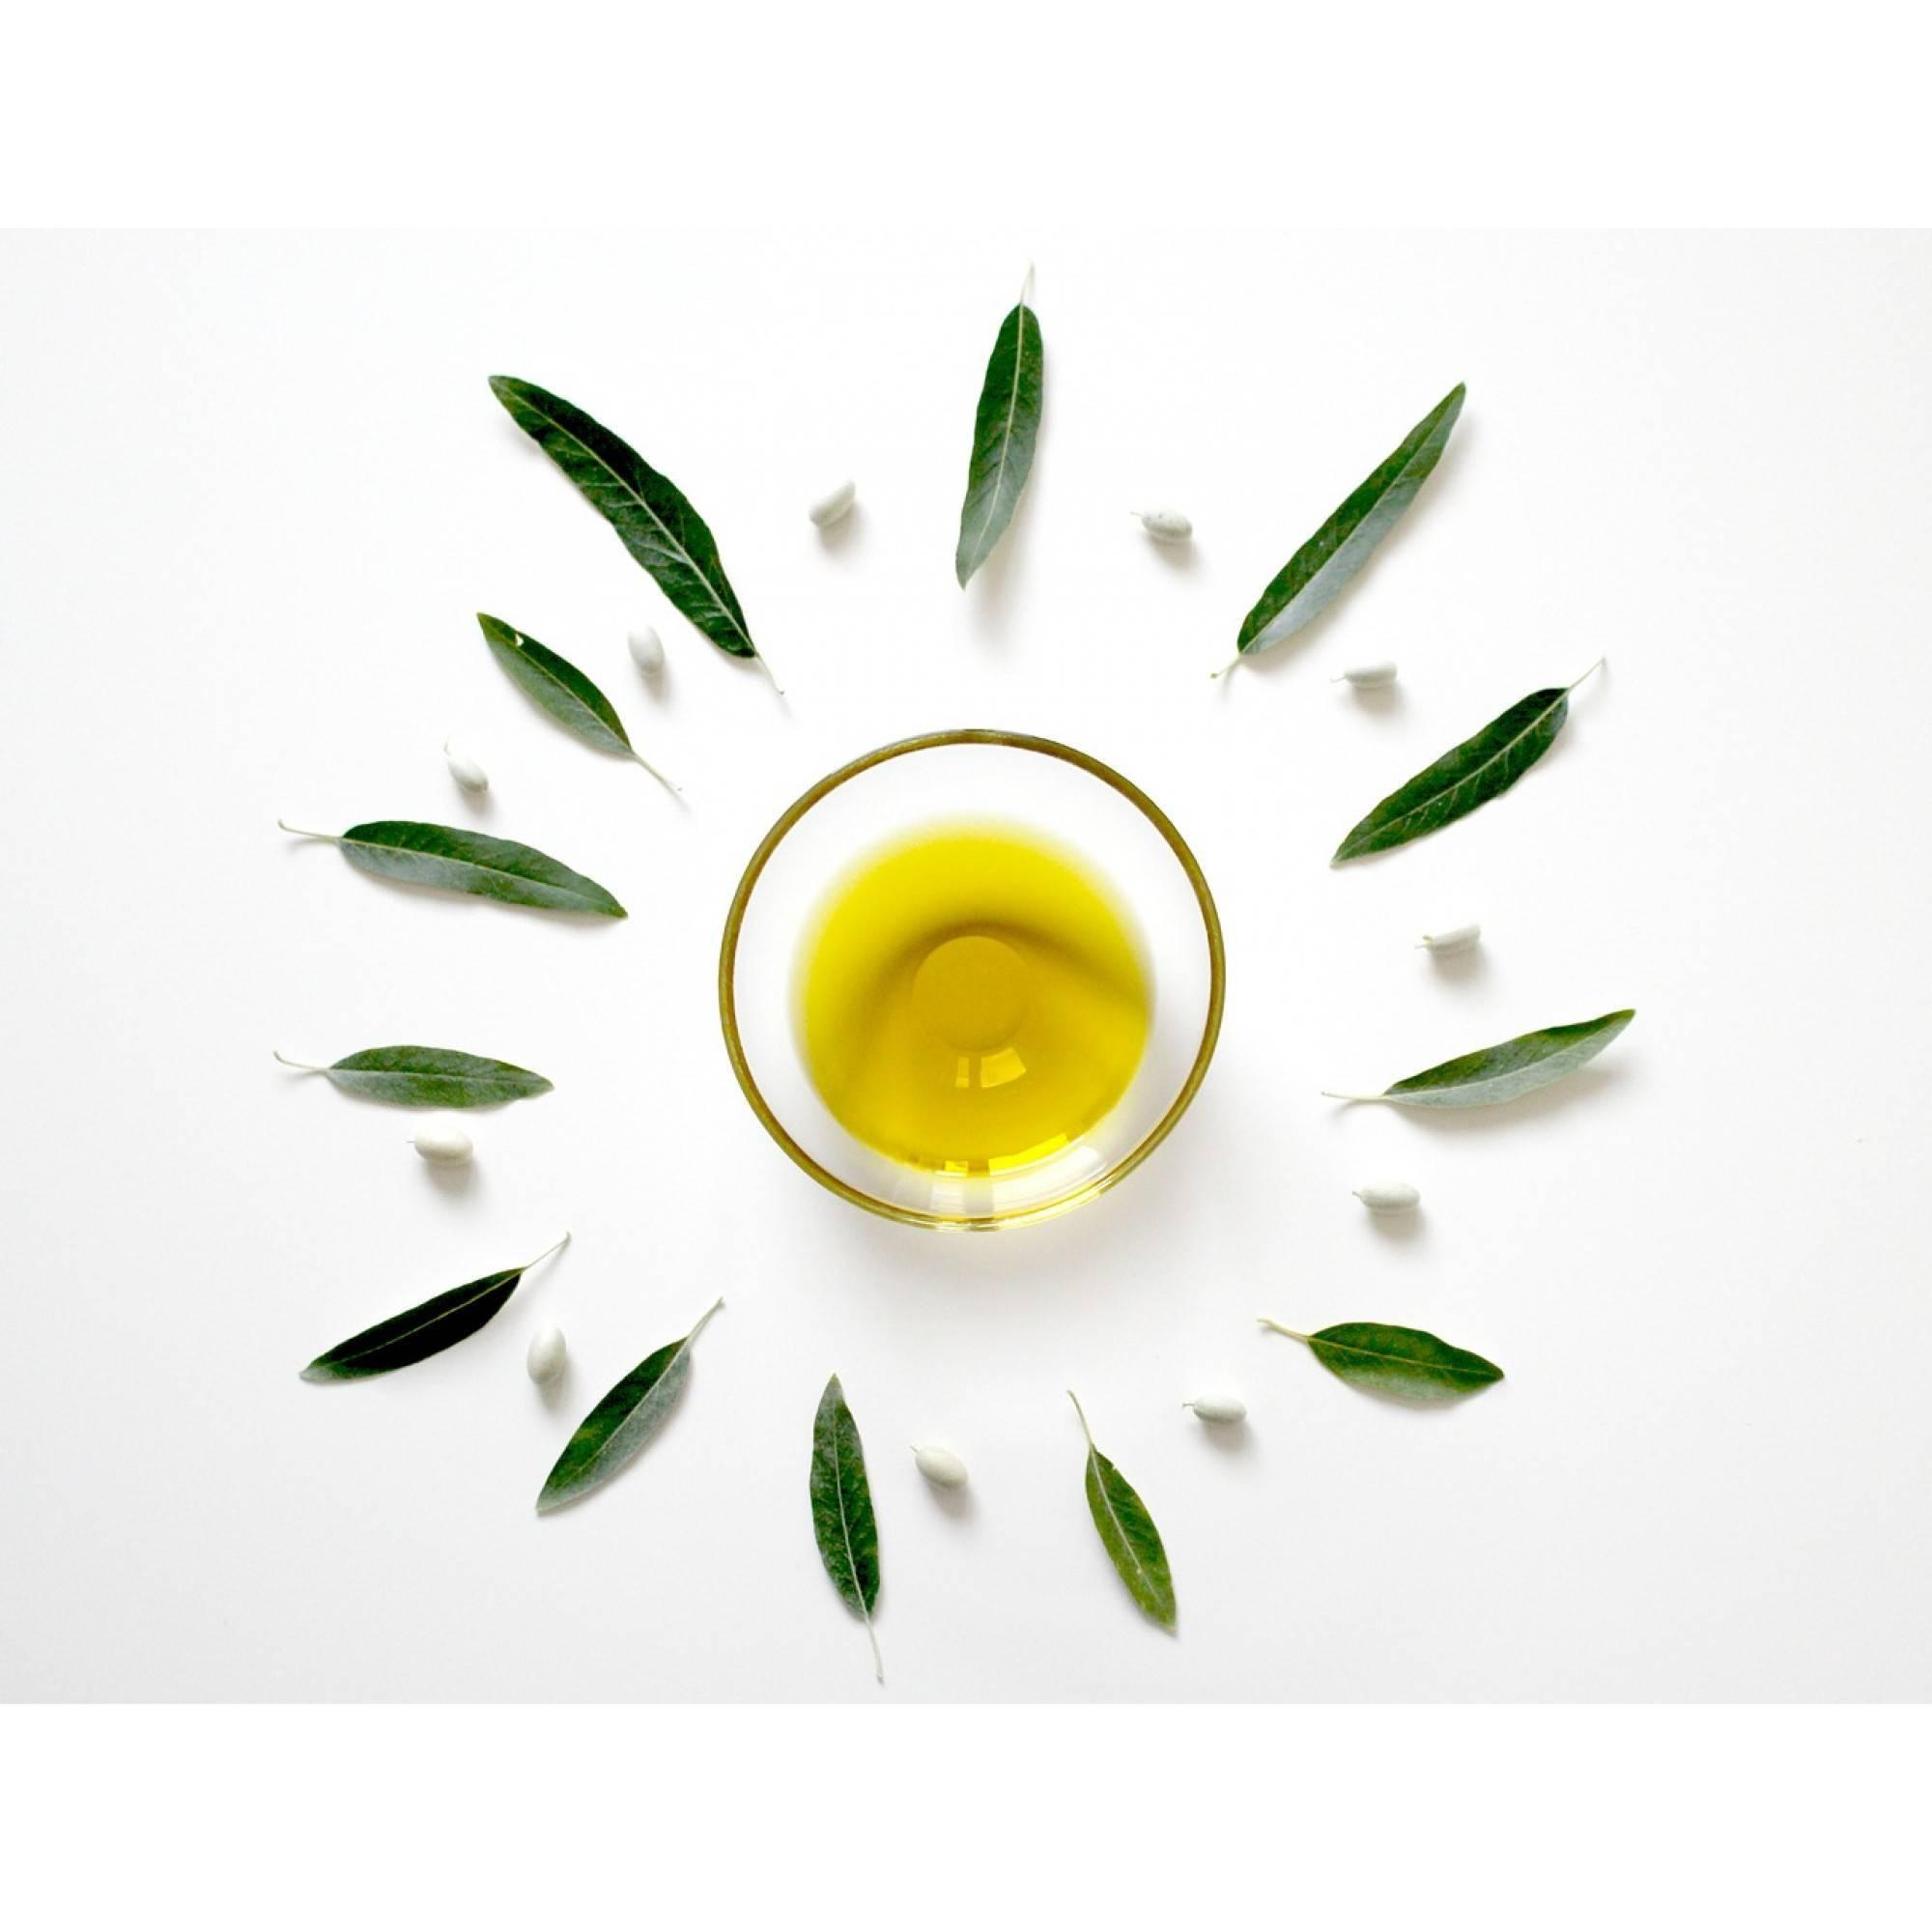 Эфирное масло жасмина для лица — польза и применение